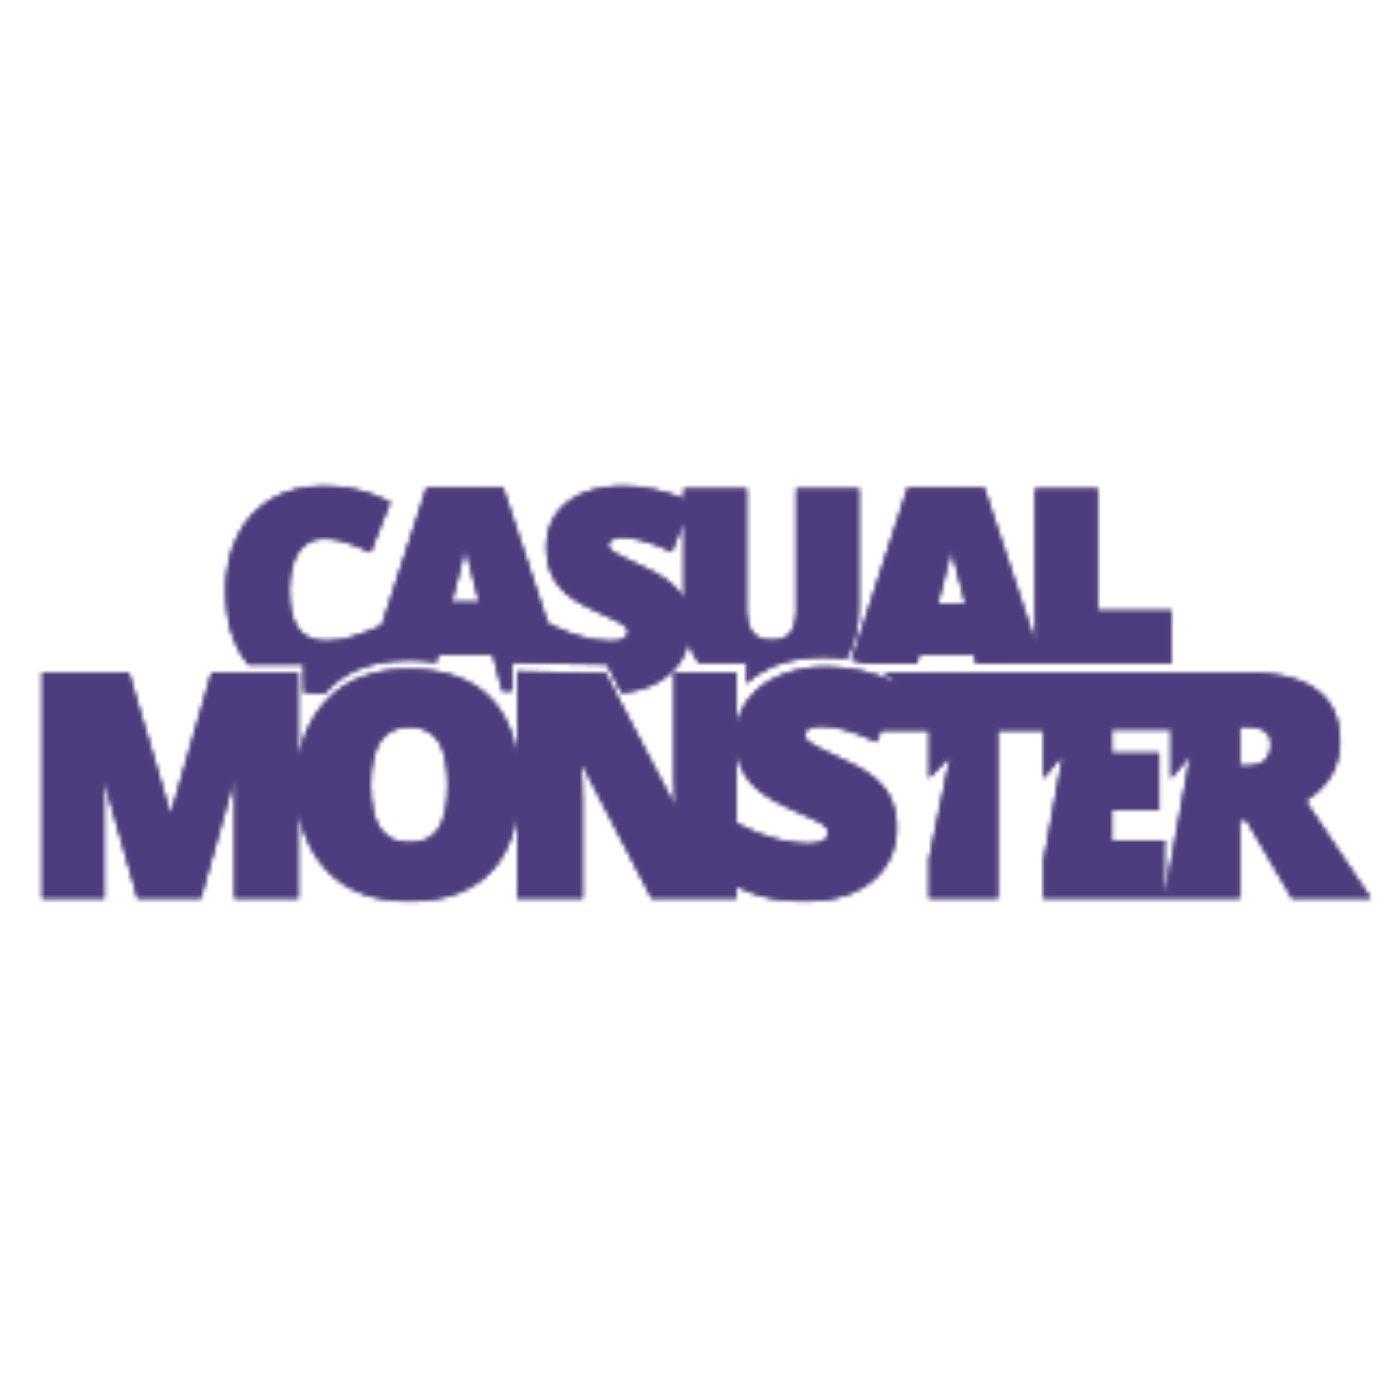 #73 Casual Monster Oyun Firmasının Kurucusu Eren Göç